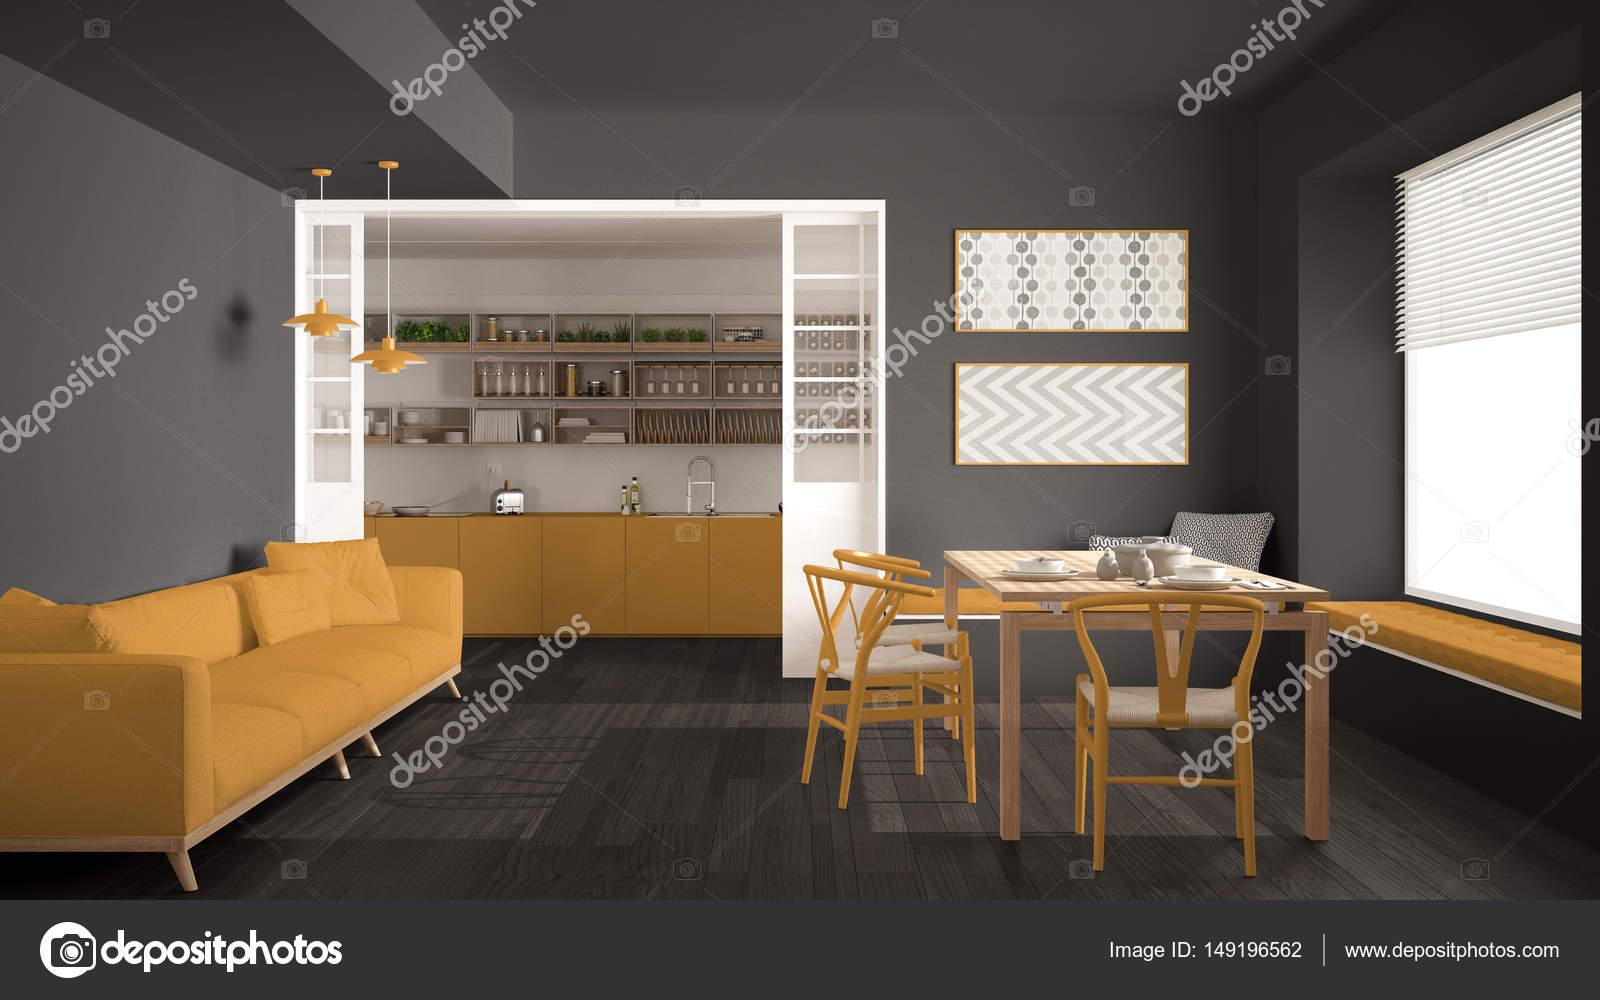 Minimalistische keuken en woonkamer met sofa tafel en stoelen